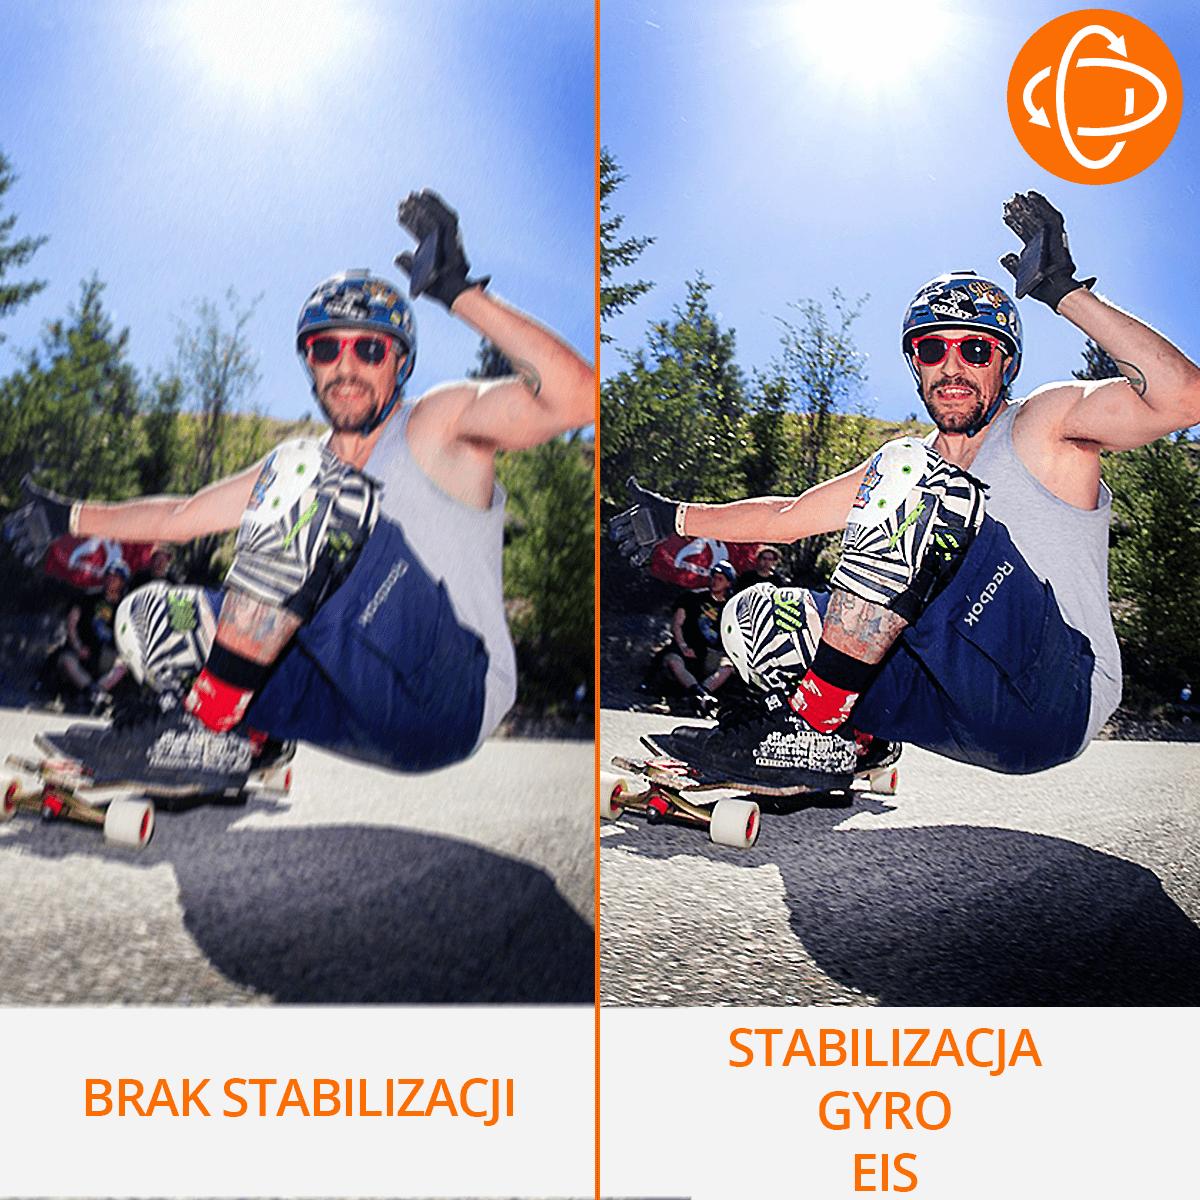 kamera sportowa stabilizacja gyro eis orllo.pl